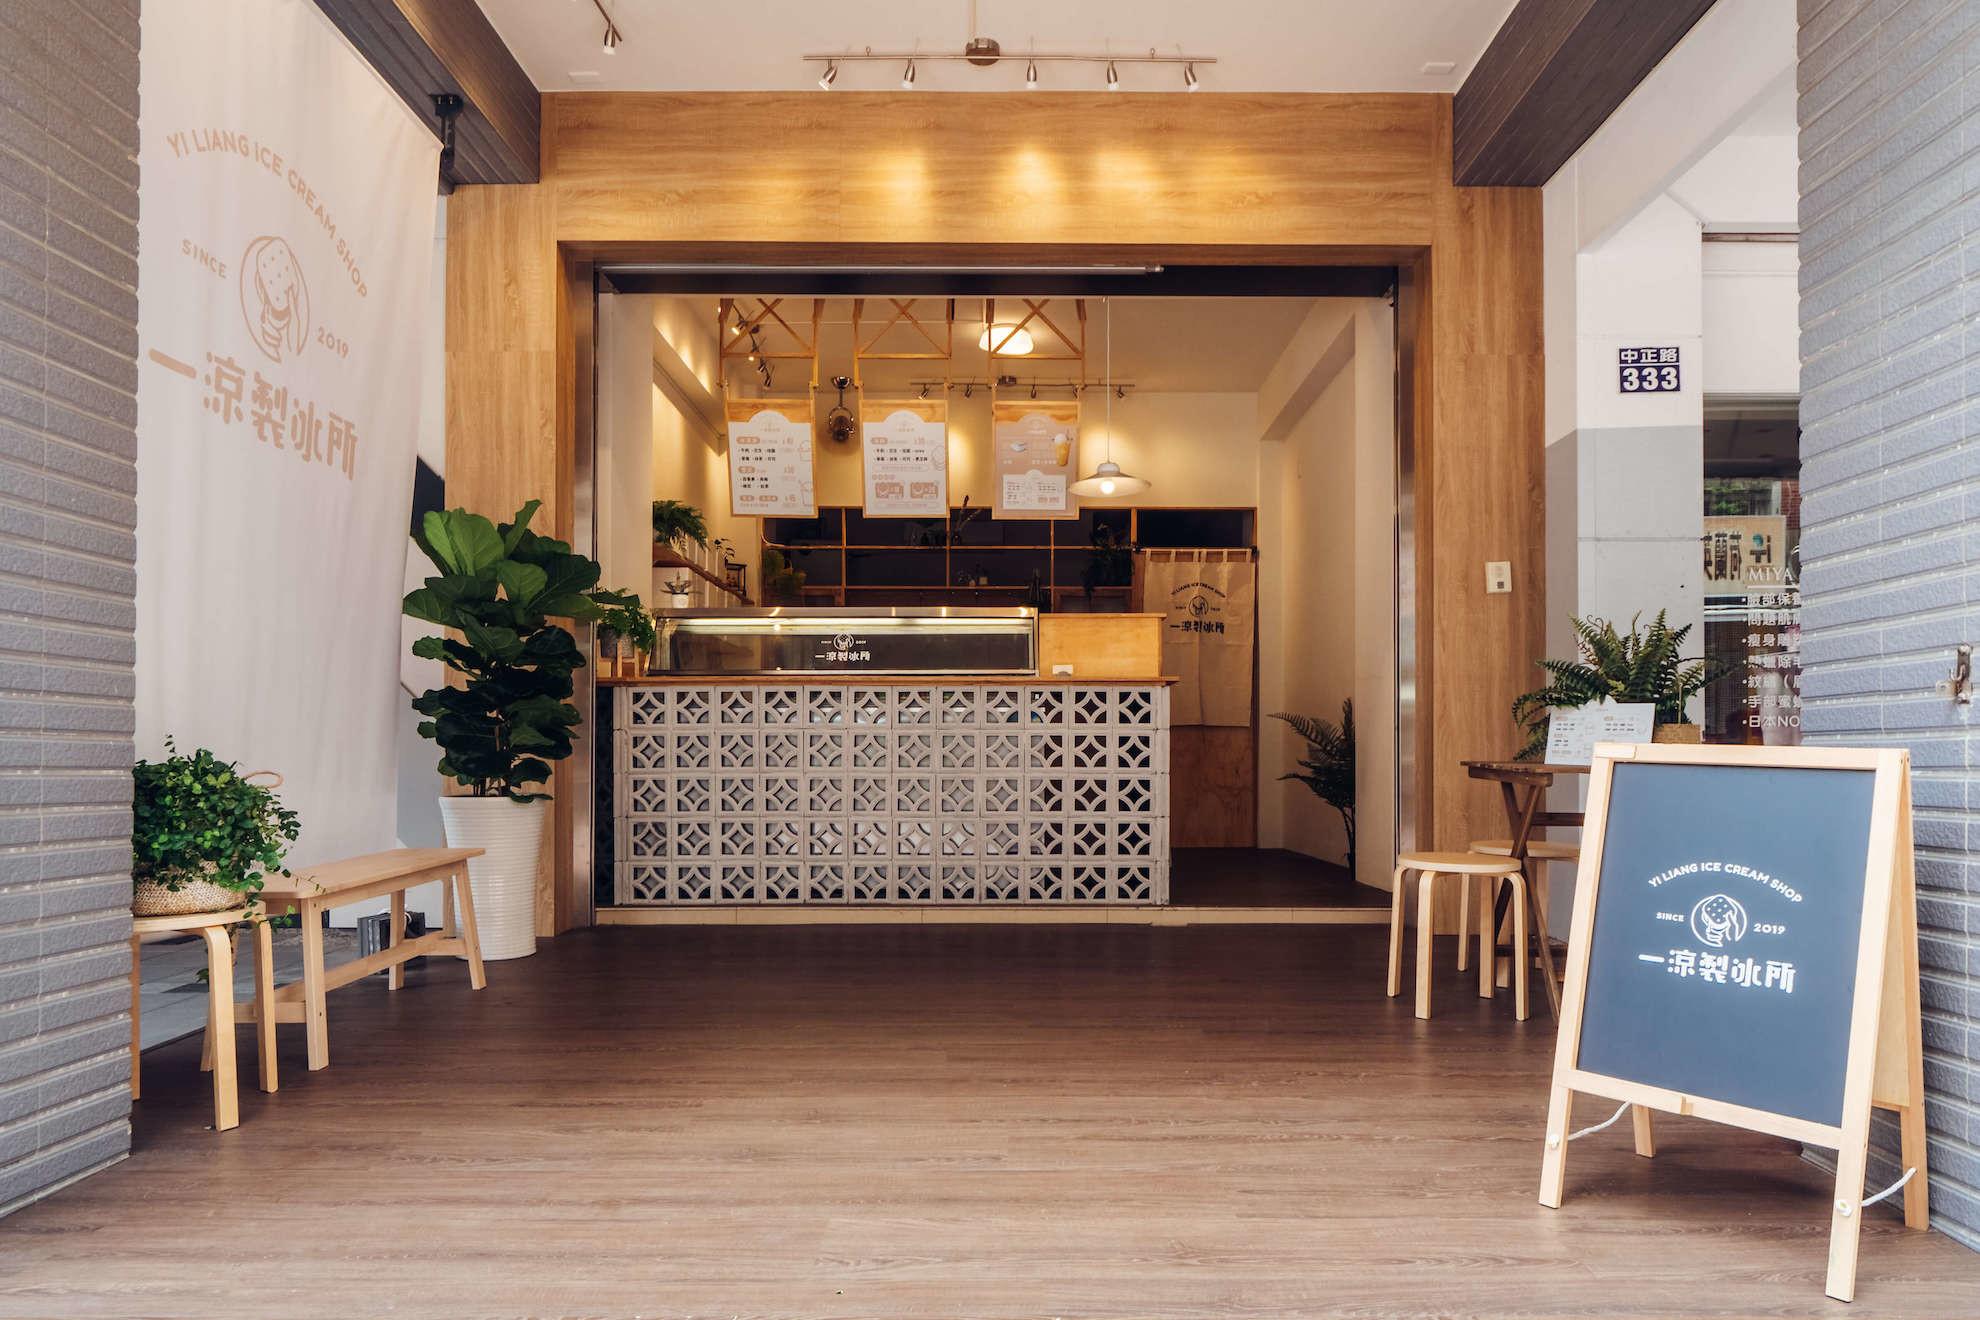 嘉義SEO優化網頁設計案例-首頁Banner輪播圖|小福砌空間設計、嘉義市內設計推薦